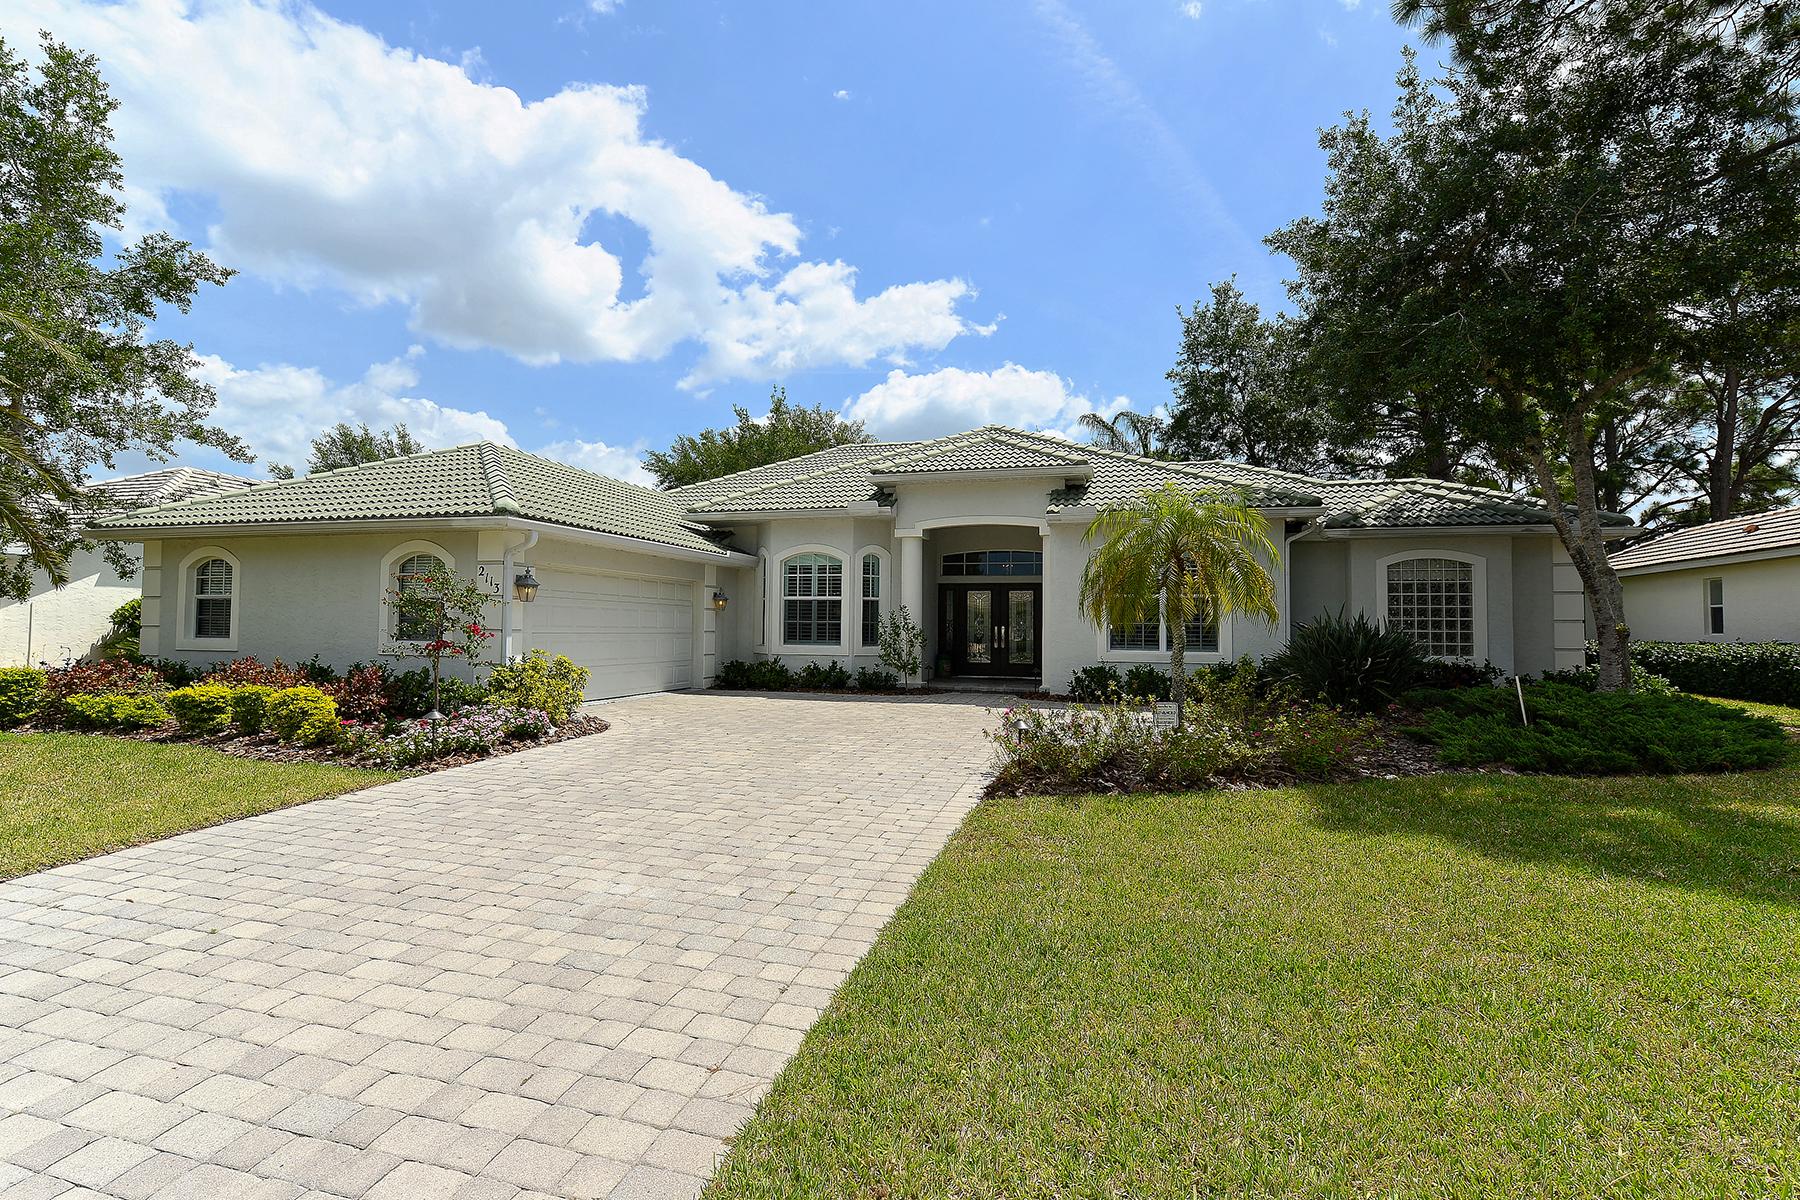 Maison unifamiliale pour l Vente à CALUSA LAKES 2113 Muskogee Trl Nokomis, Florida, 34275 États-Unis